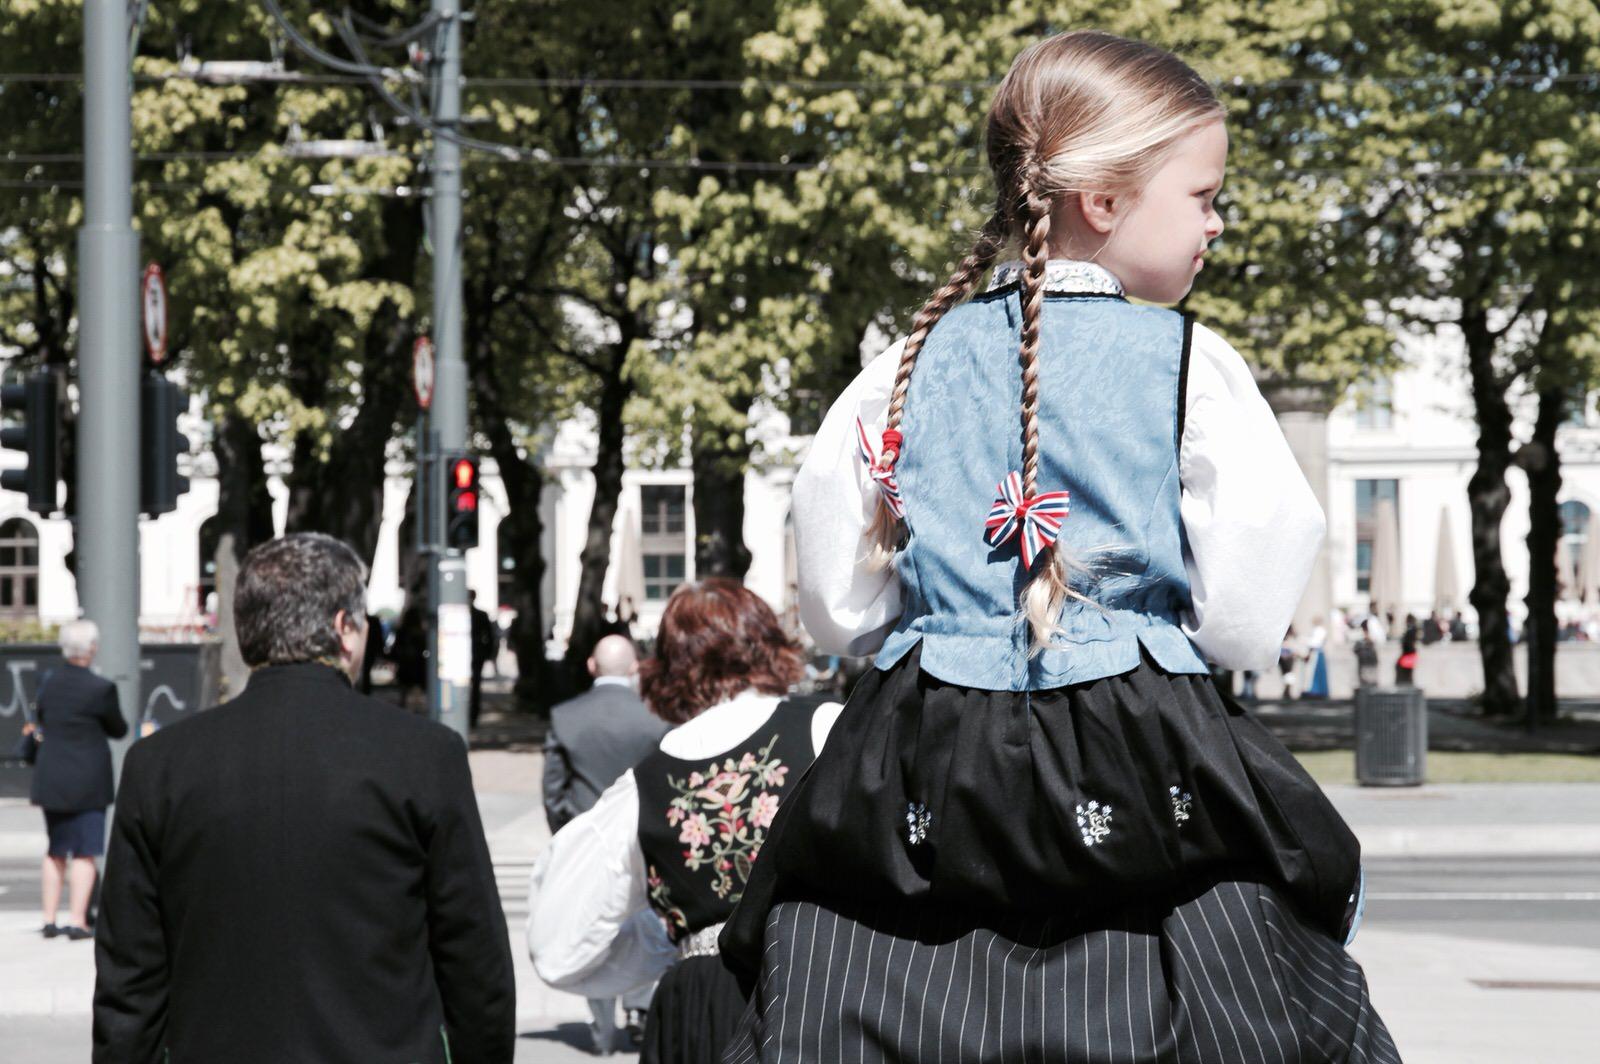 Świąteczna fryzura ozdobiona kokardkami w najmodniejszym tego dnia zestawie kolorów - norweskich barwach narodowych.